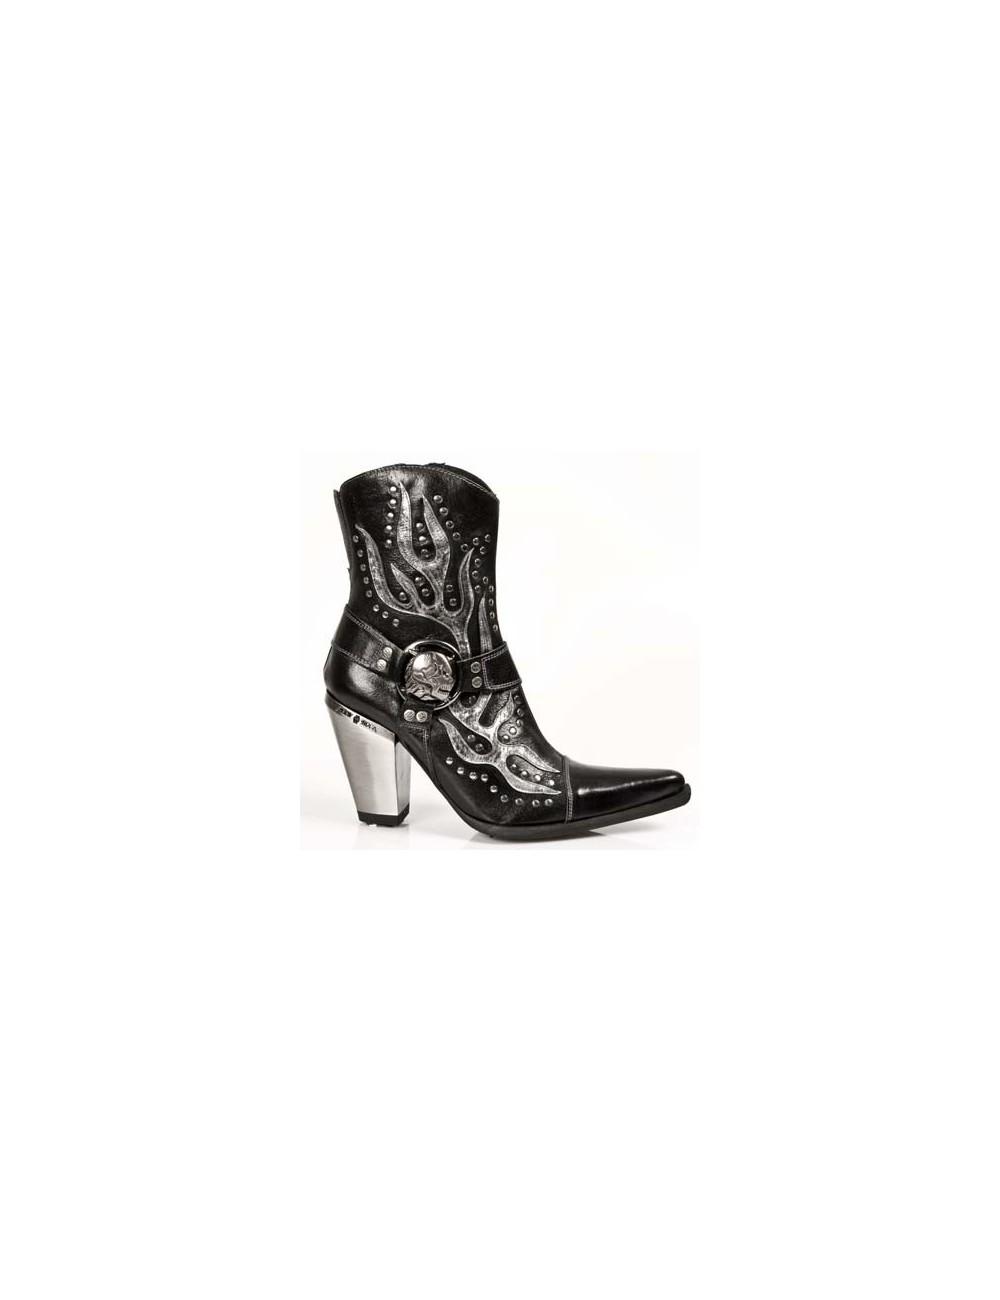 Bottines cowboy - Bottines santiags rock cuir à talons